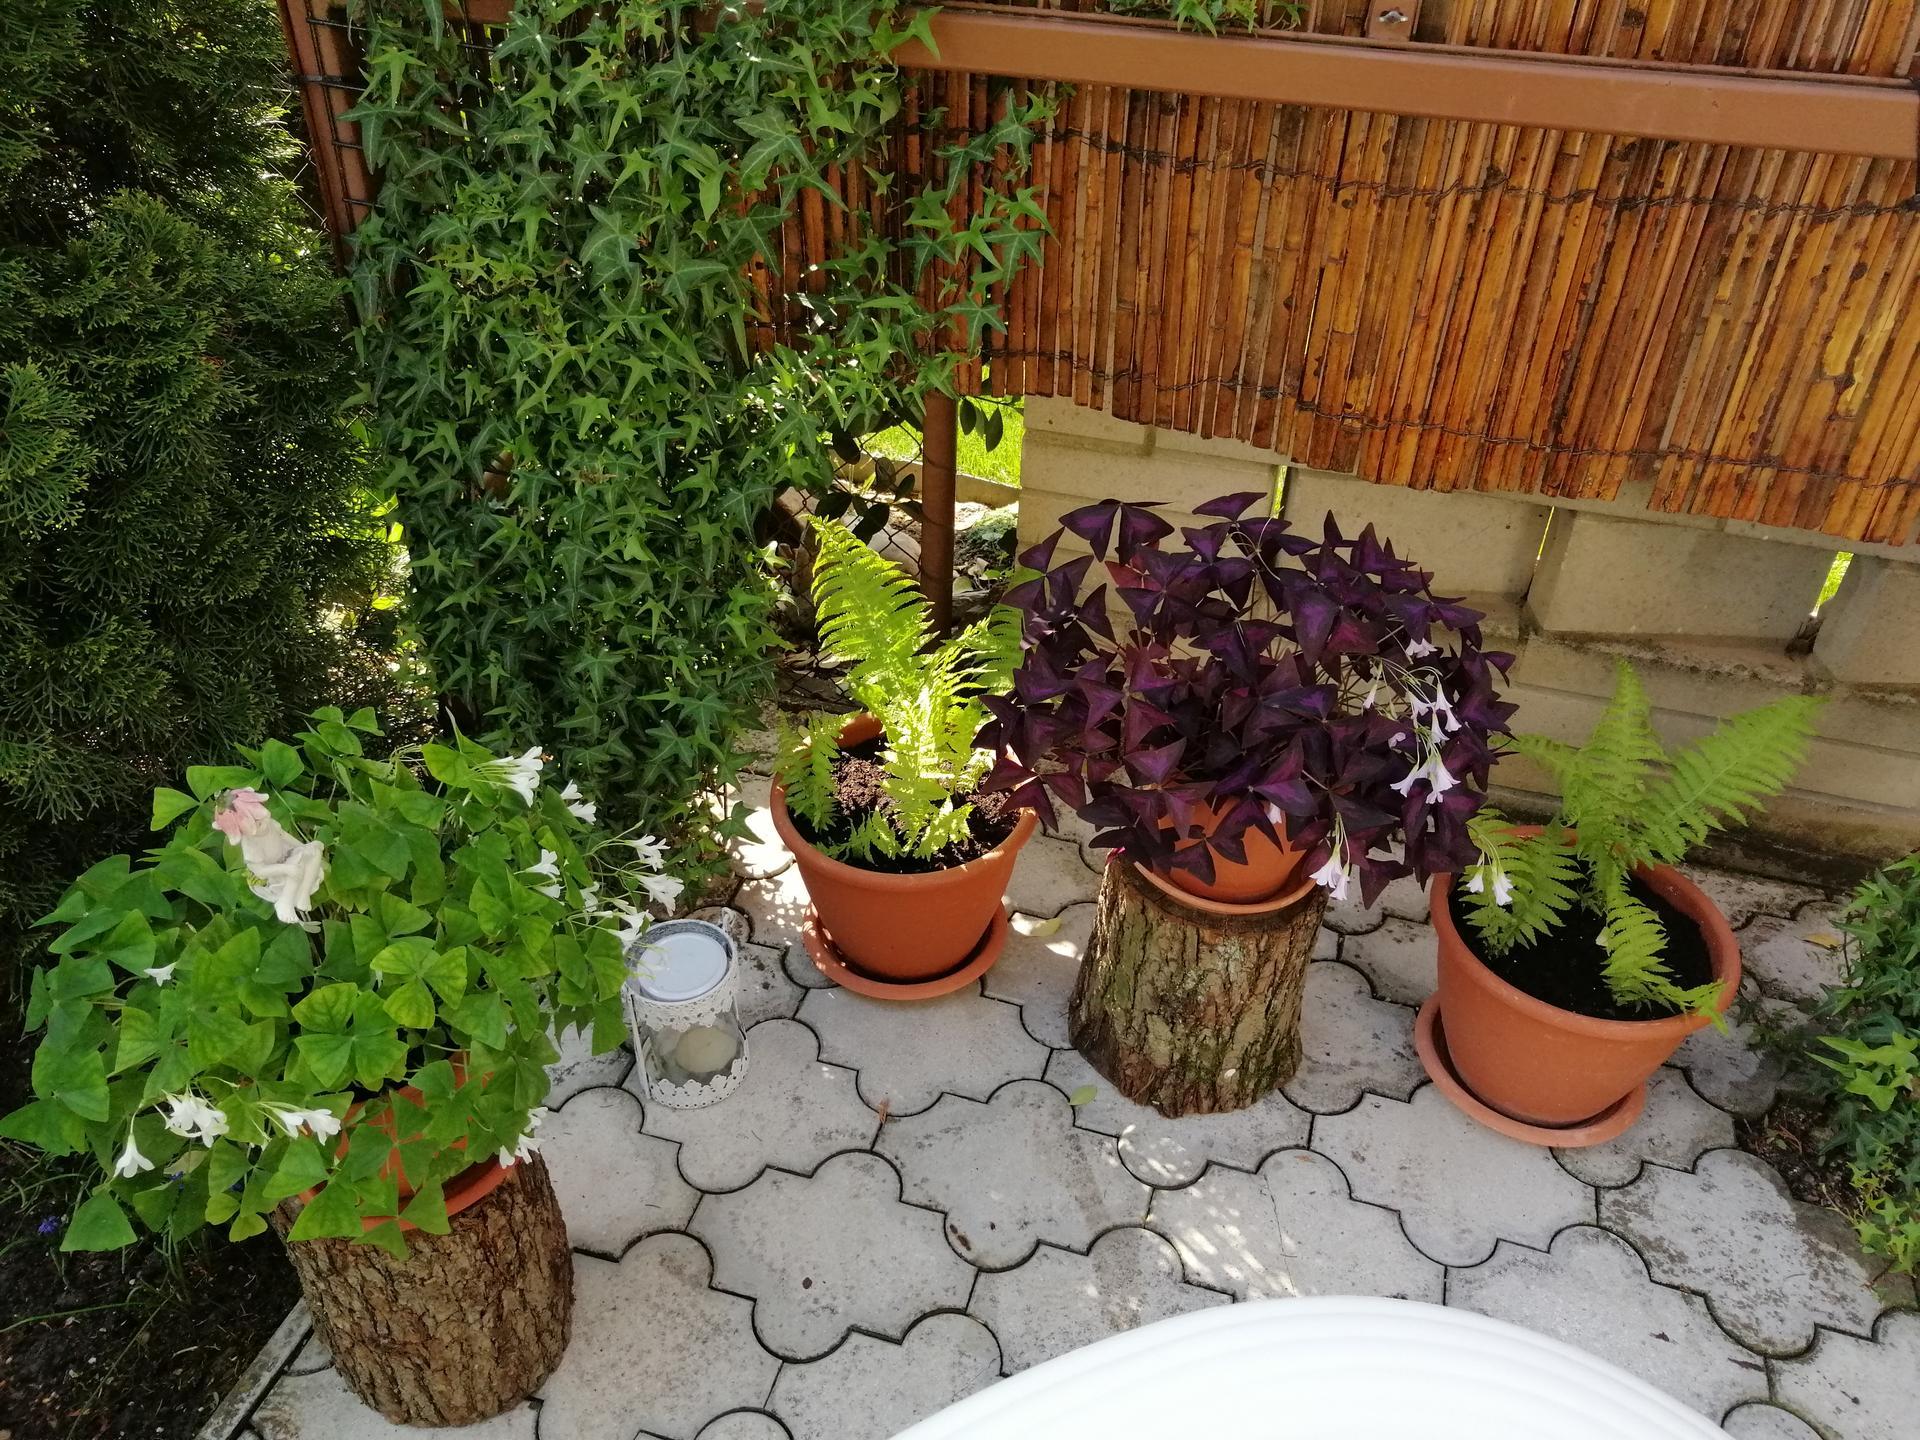 Záhrada 2021 - Obrázok č. 79